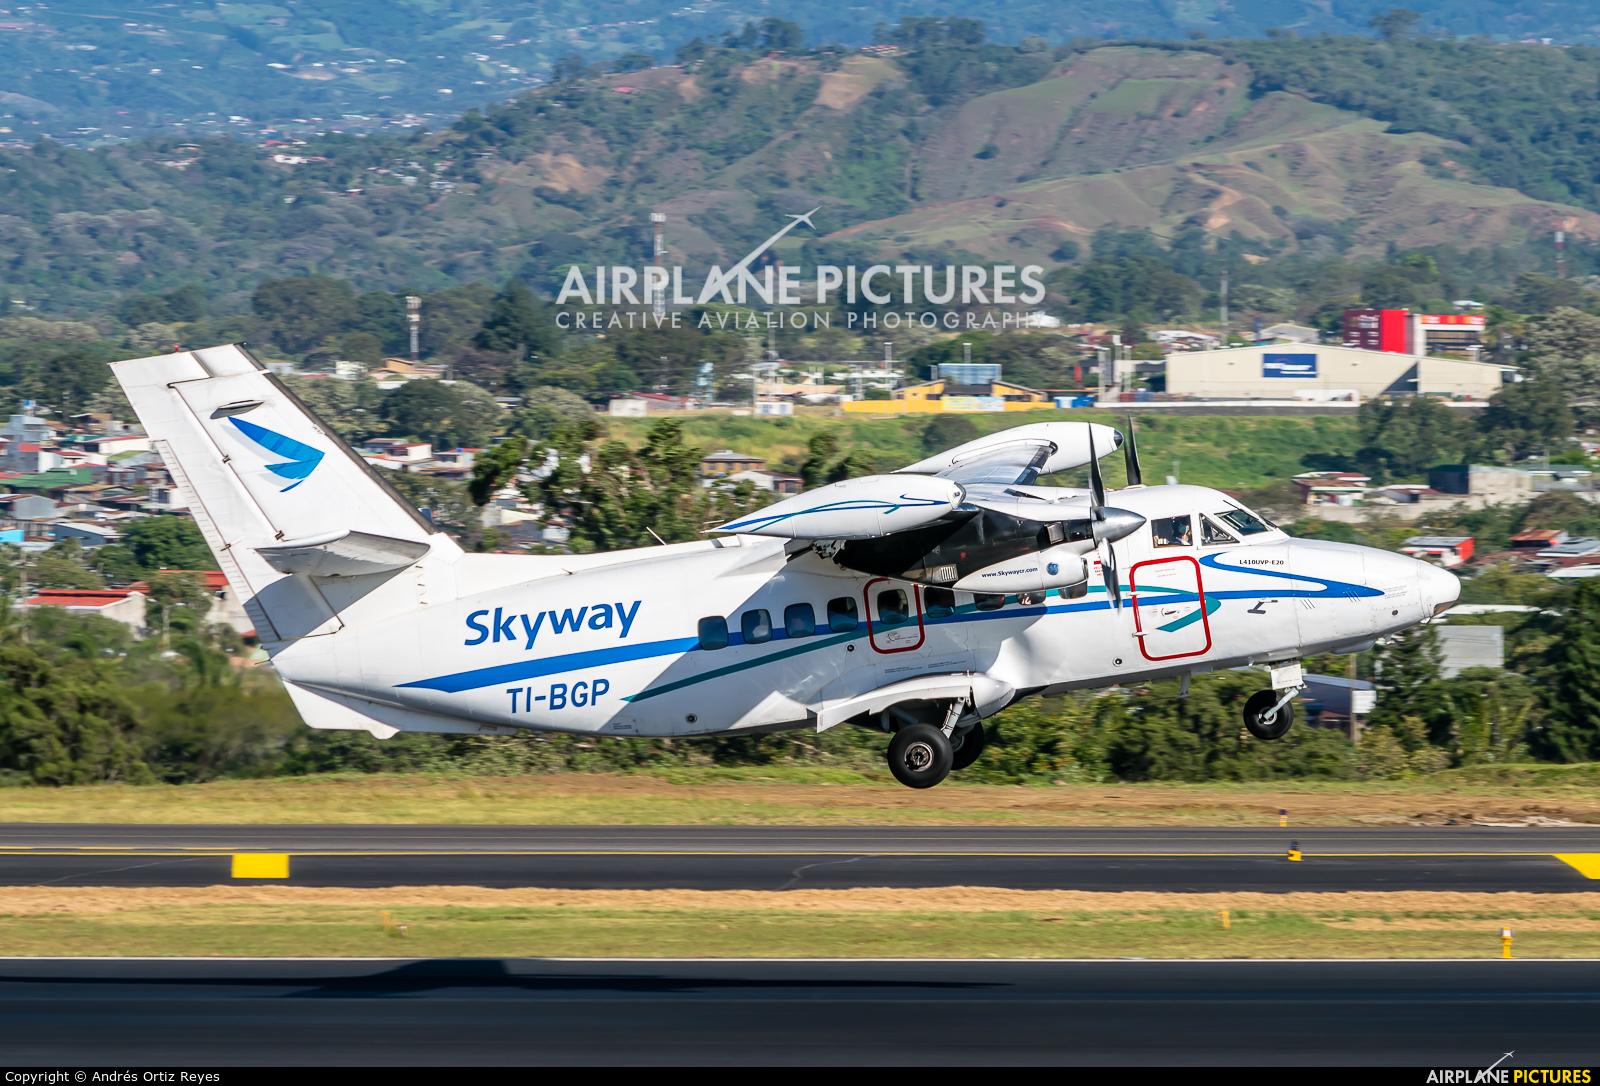 Skyway Costa Rica TI-BGP aircraft at San Jose - Juan Santamaría Intl